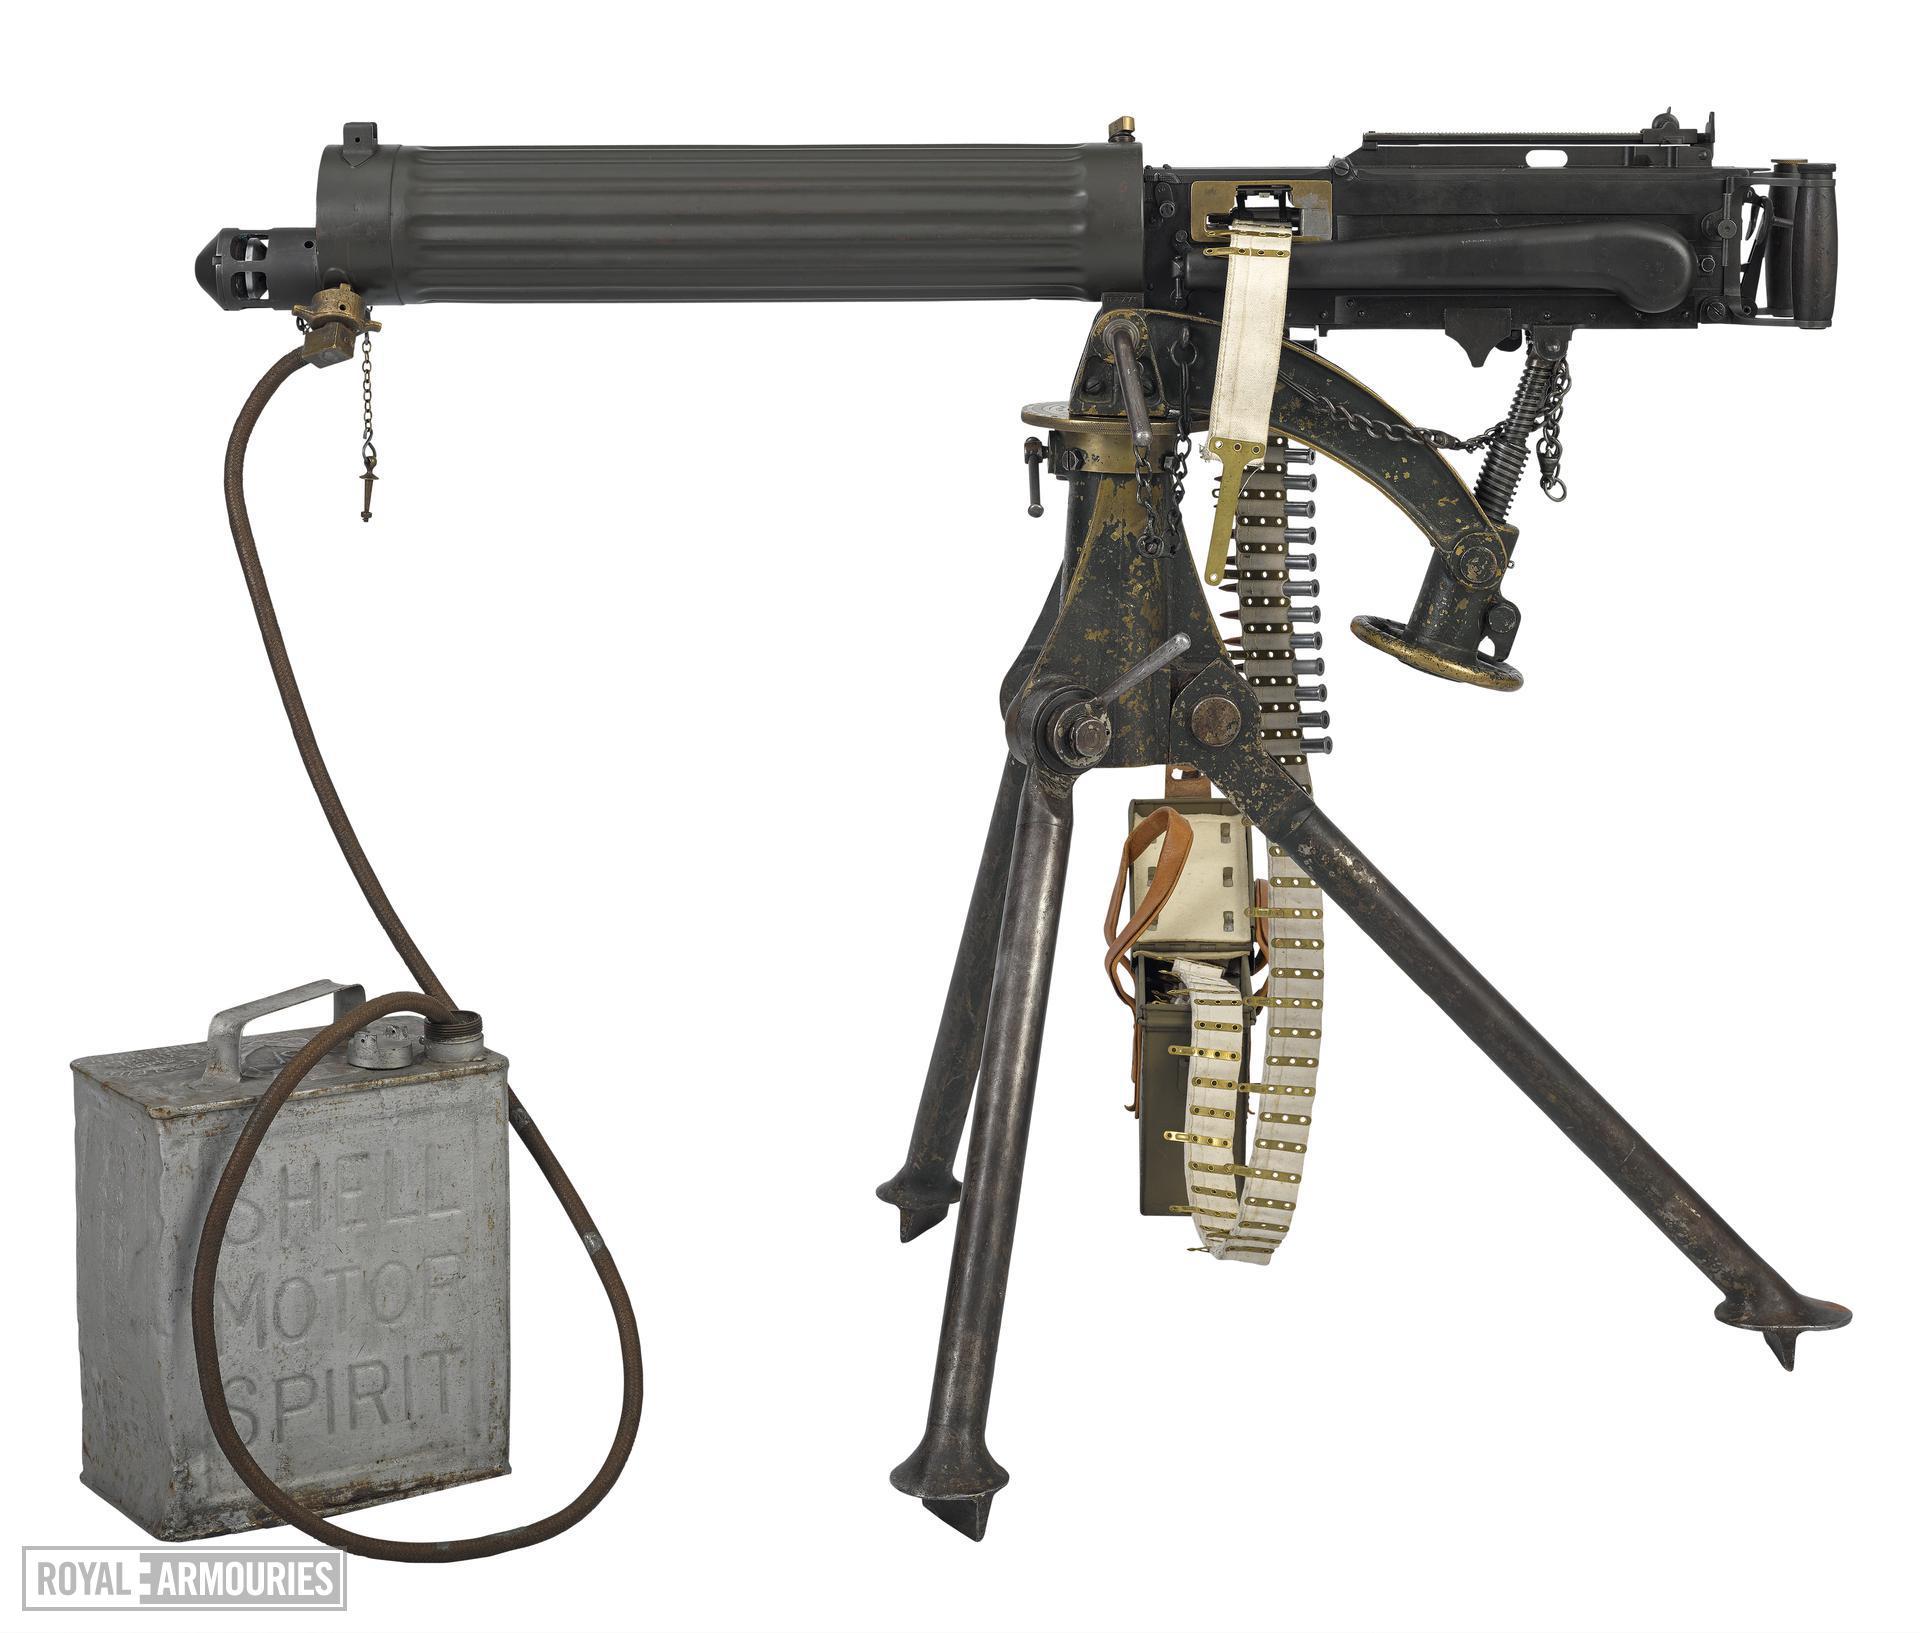 Vickers Mk.I centrefire belt fed machine gun, British, early 20th century.